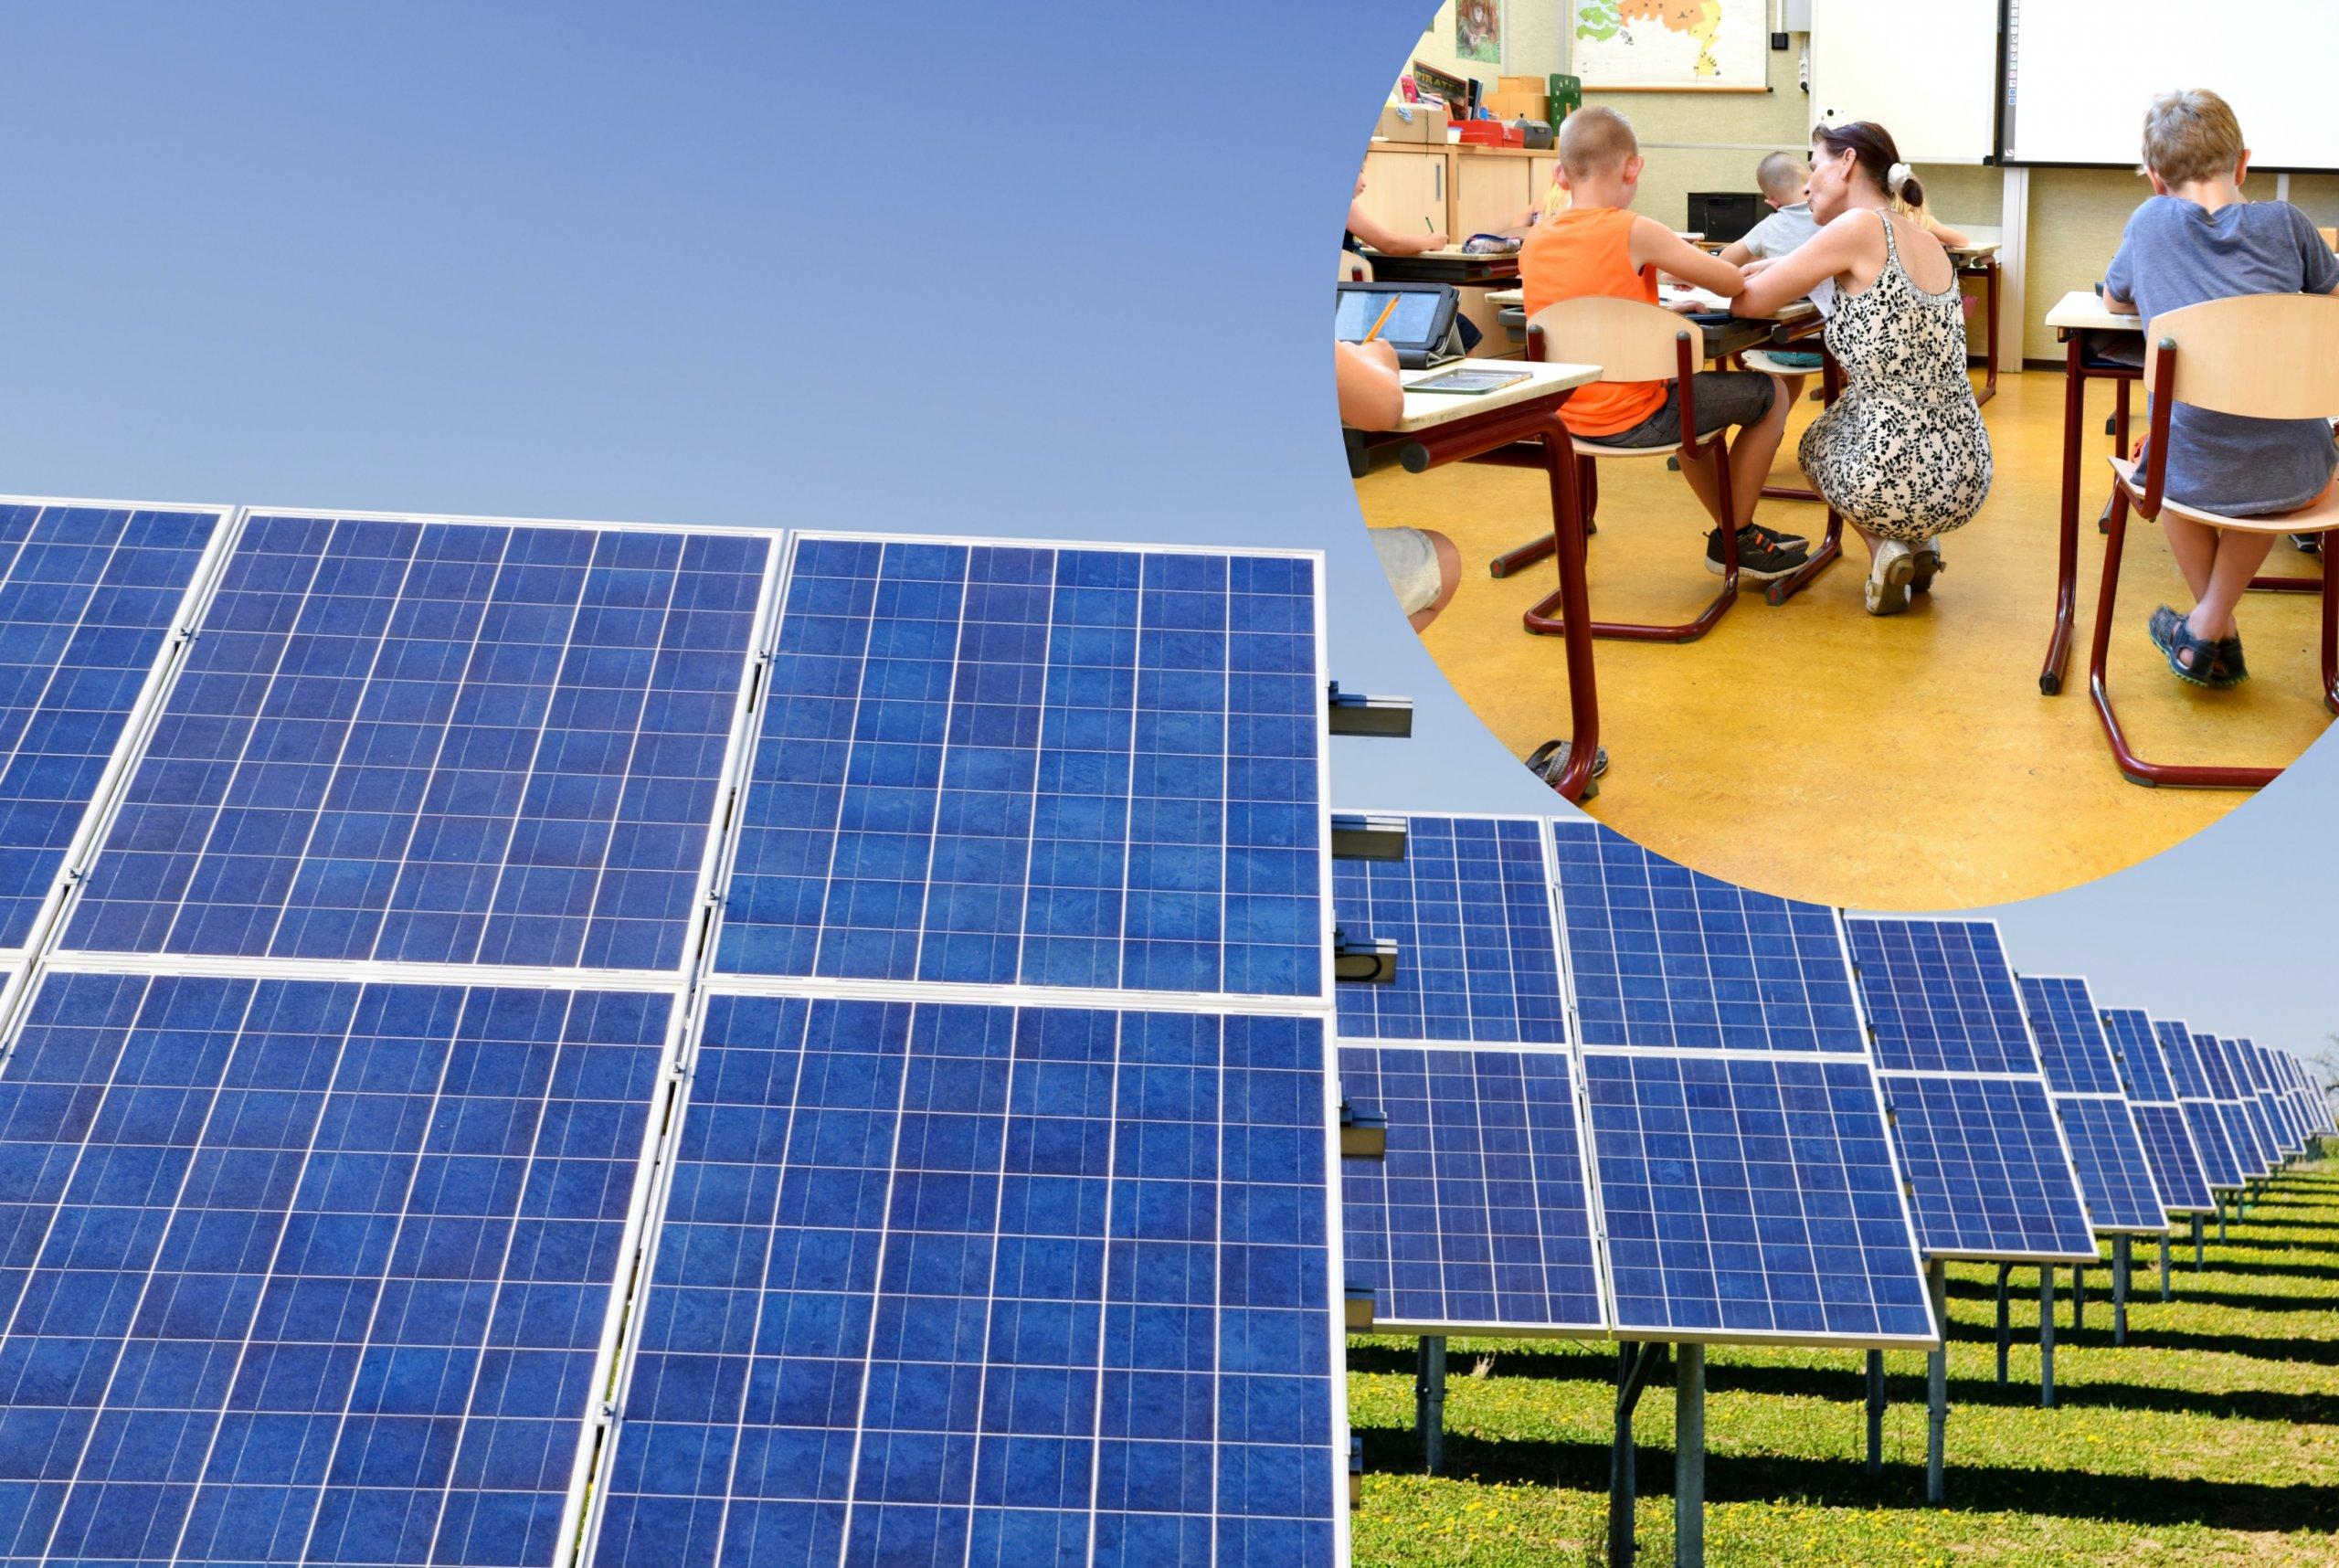 Djeca će kroz igru učiti o energetskoj učinkovitosti